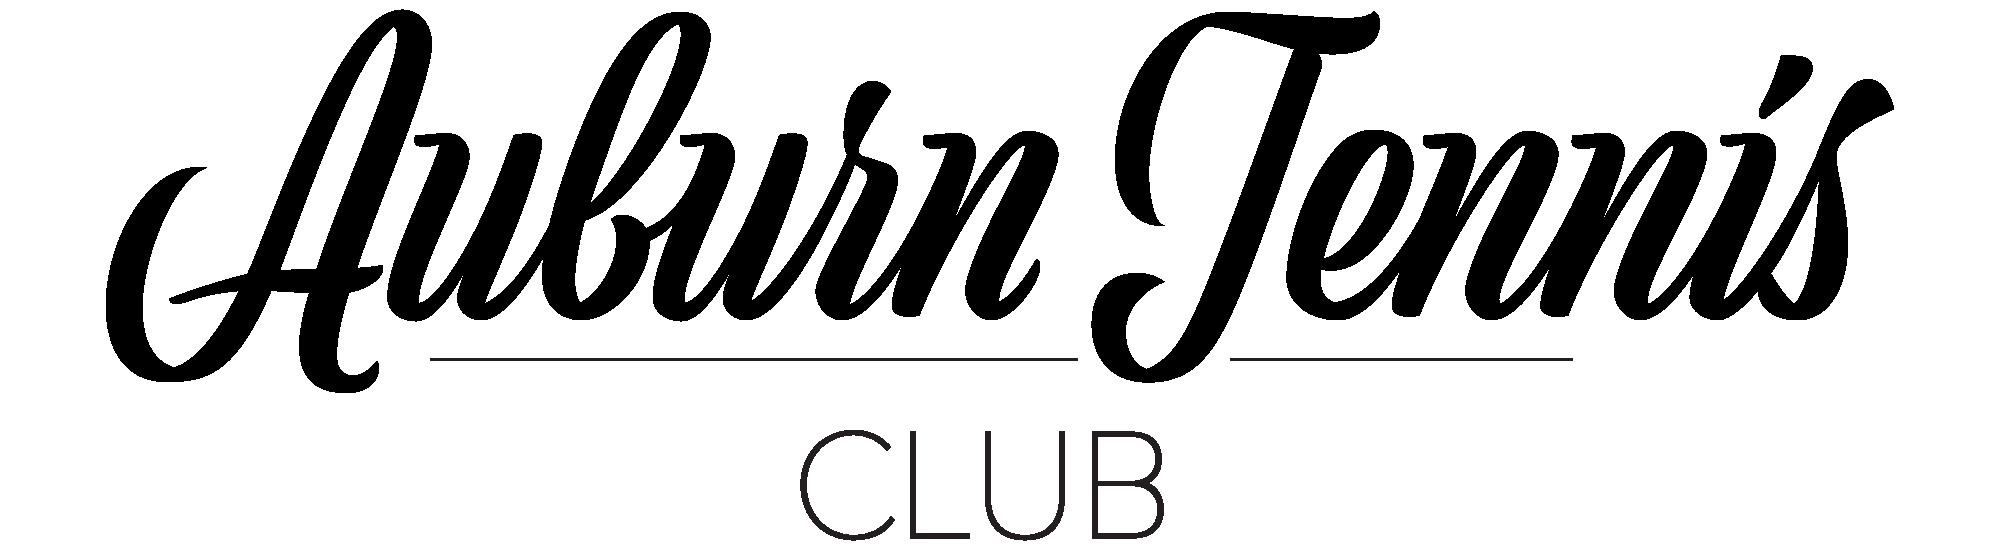 Auburn Tennis Club